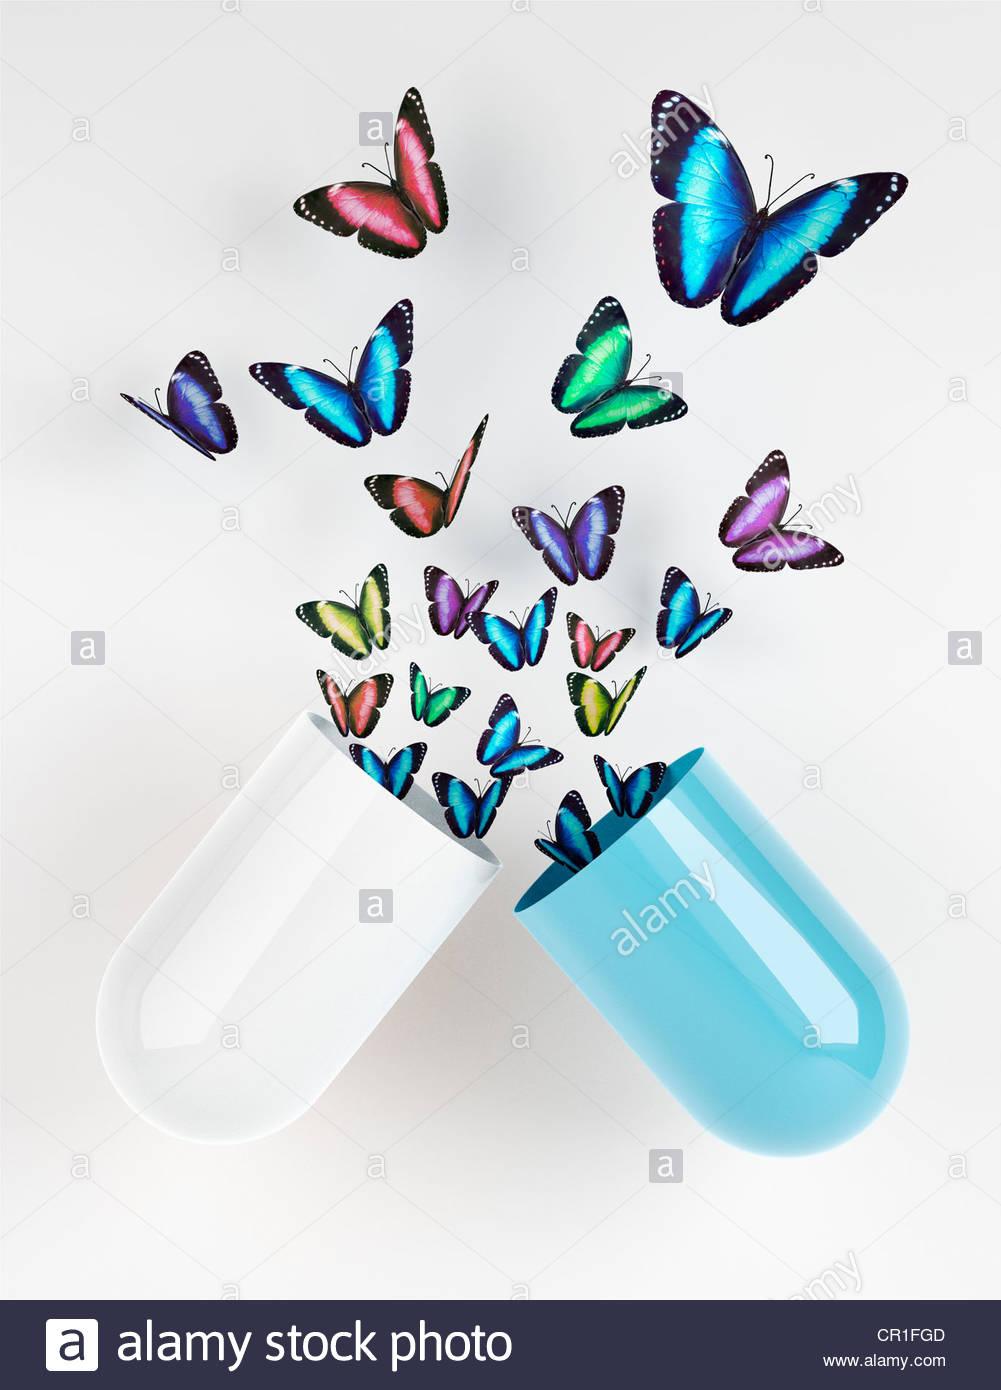 Schmetterlinge aus Kapsel Stockbild